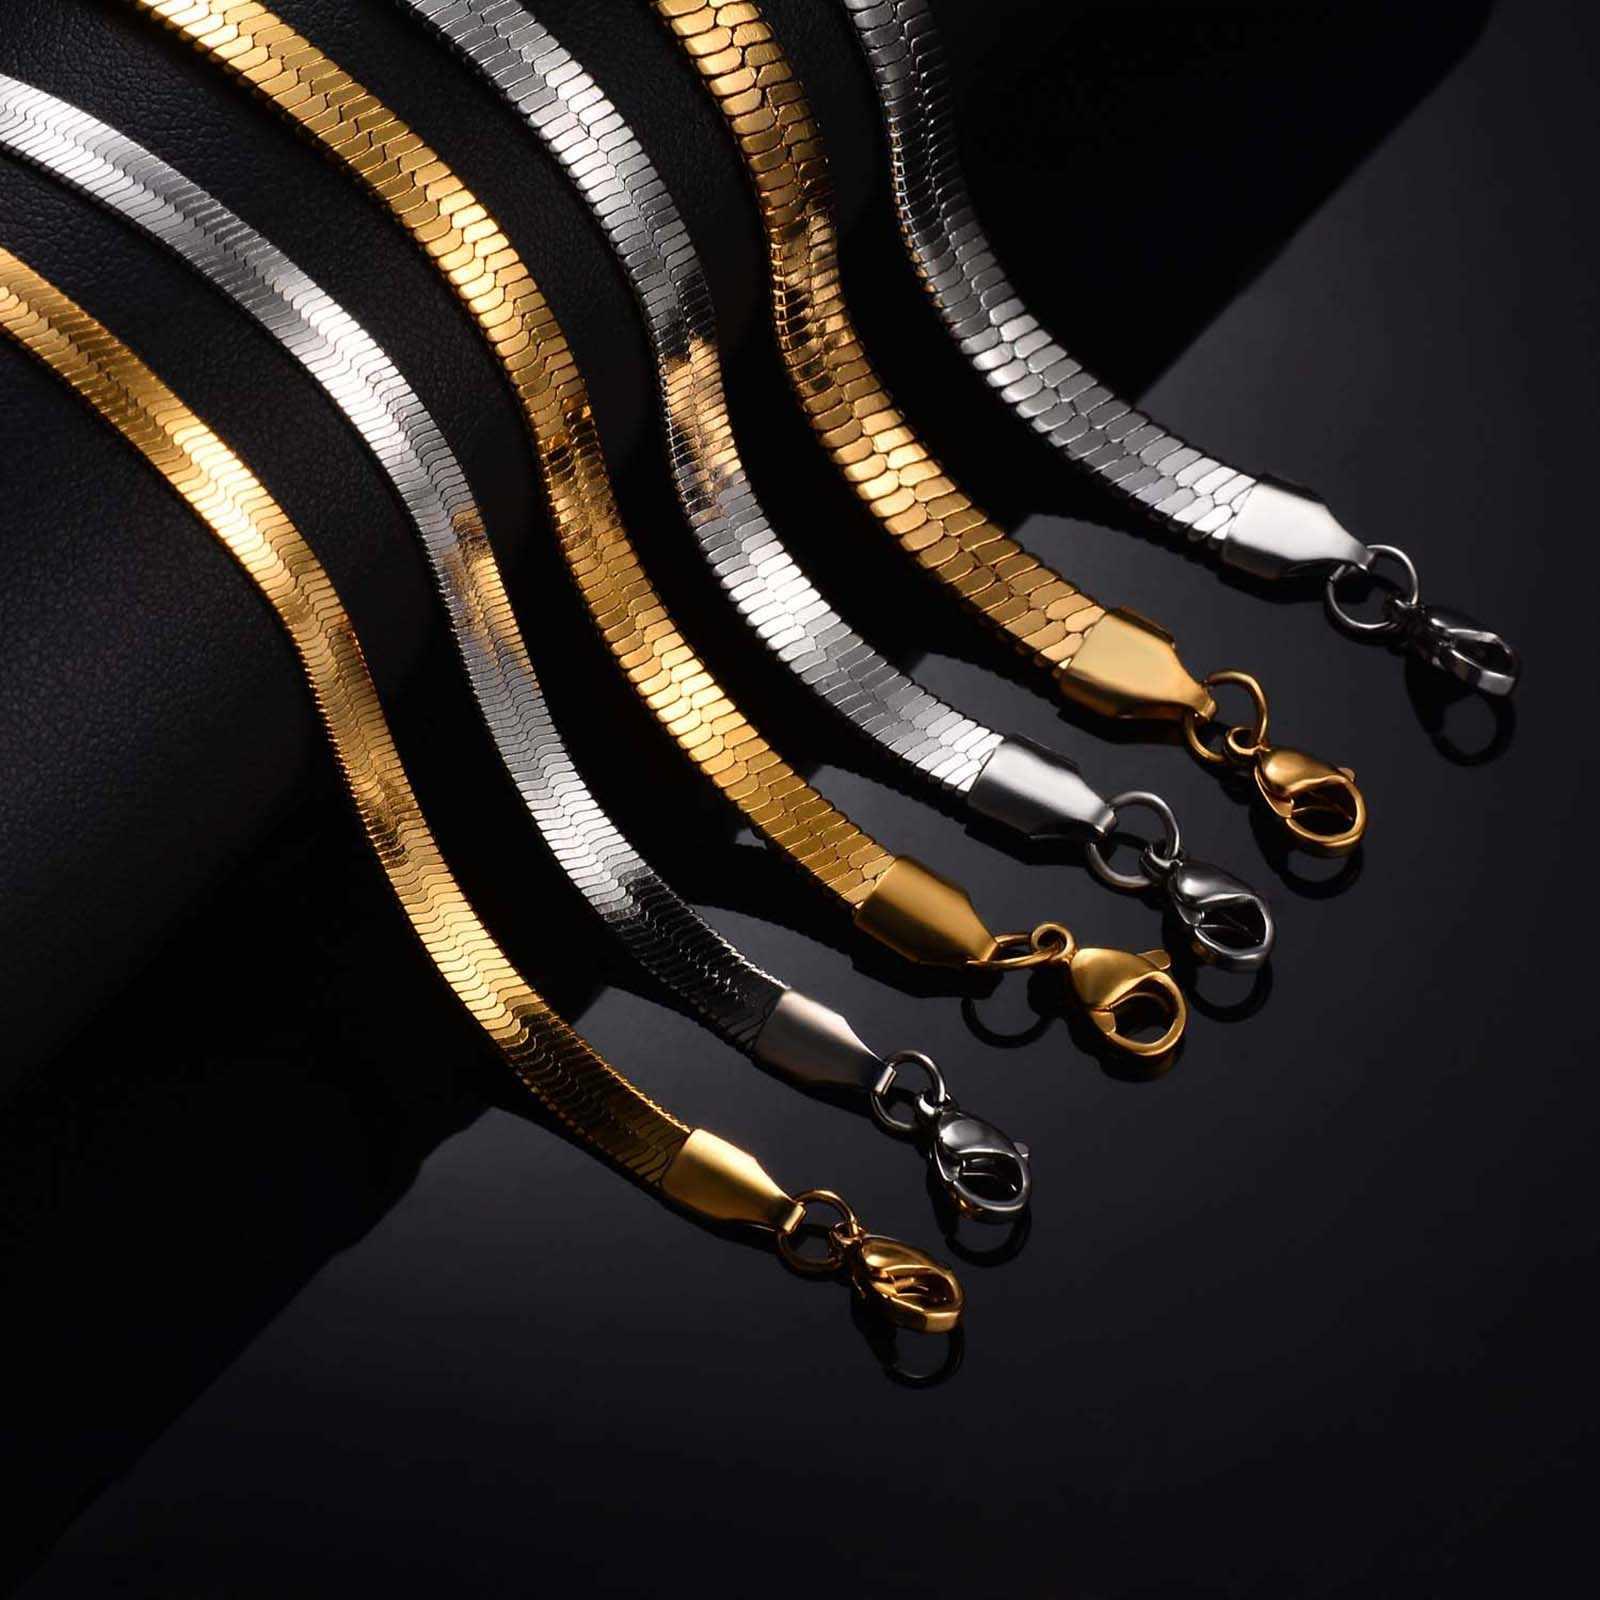 1PC Larghezza 4mm/5mm/6 millimetri In Acciaio Inox Piatto Del Serpente Della Collana Della Catena Dei Monili per Gli Uomini le donne di Lunghezza Può essere Personalizzato